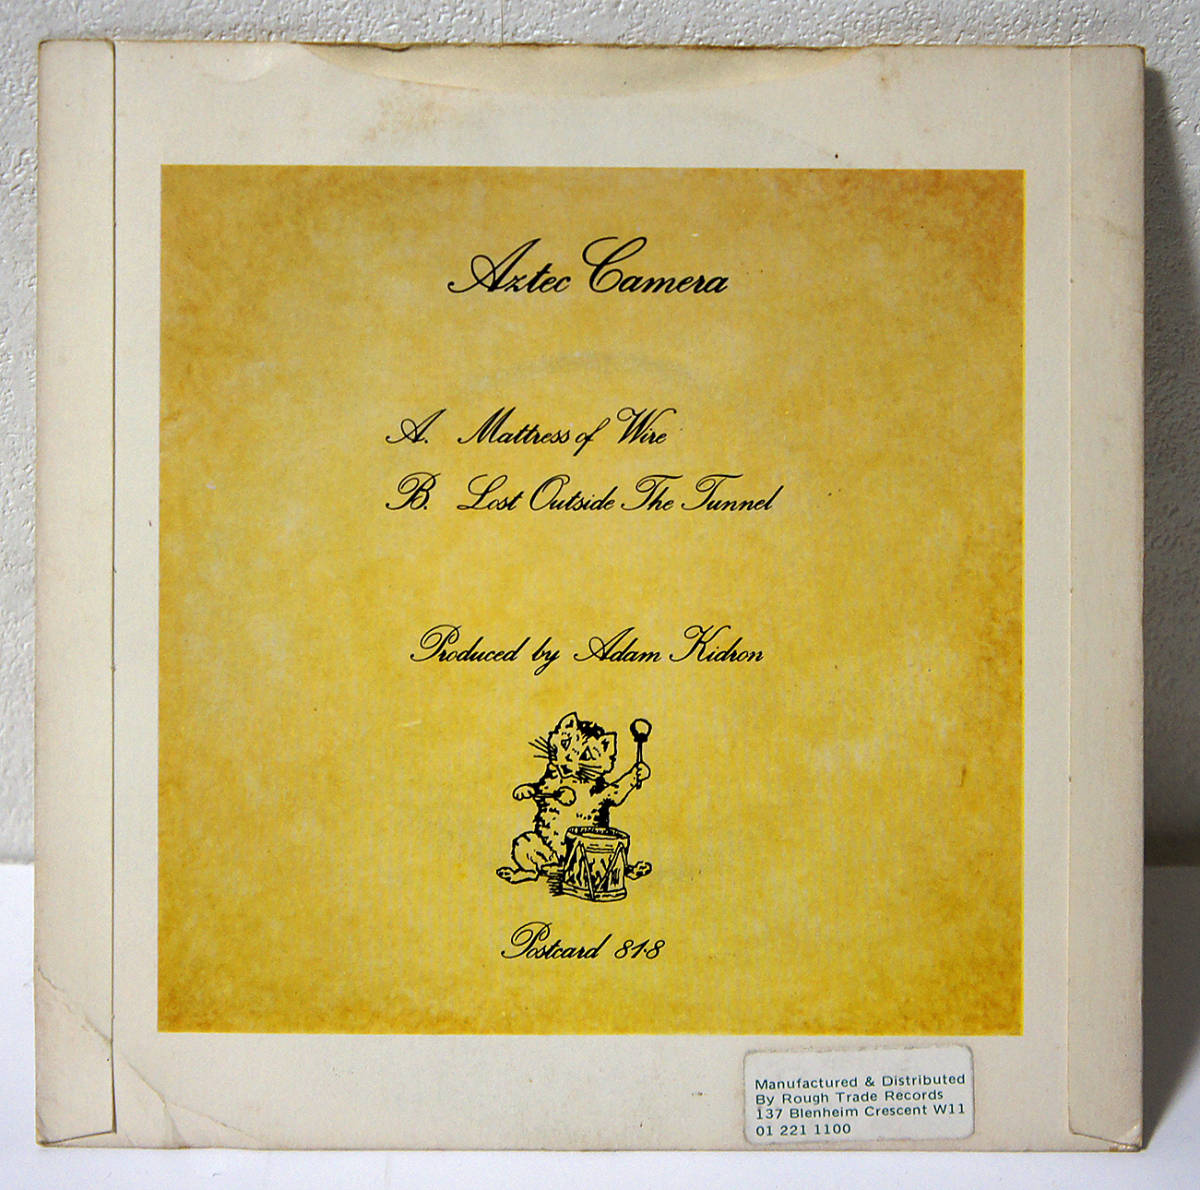 【送料無料】超レア★日本未発売★廃盤★81年 UK Postcard オリジナル 7'' AZTEC CAMERA Mattress Of Wire_画像5